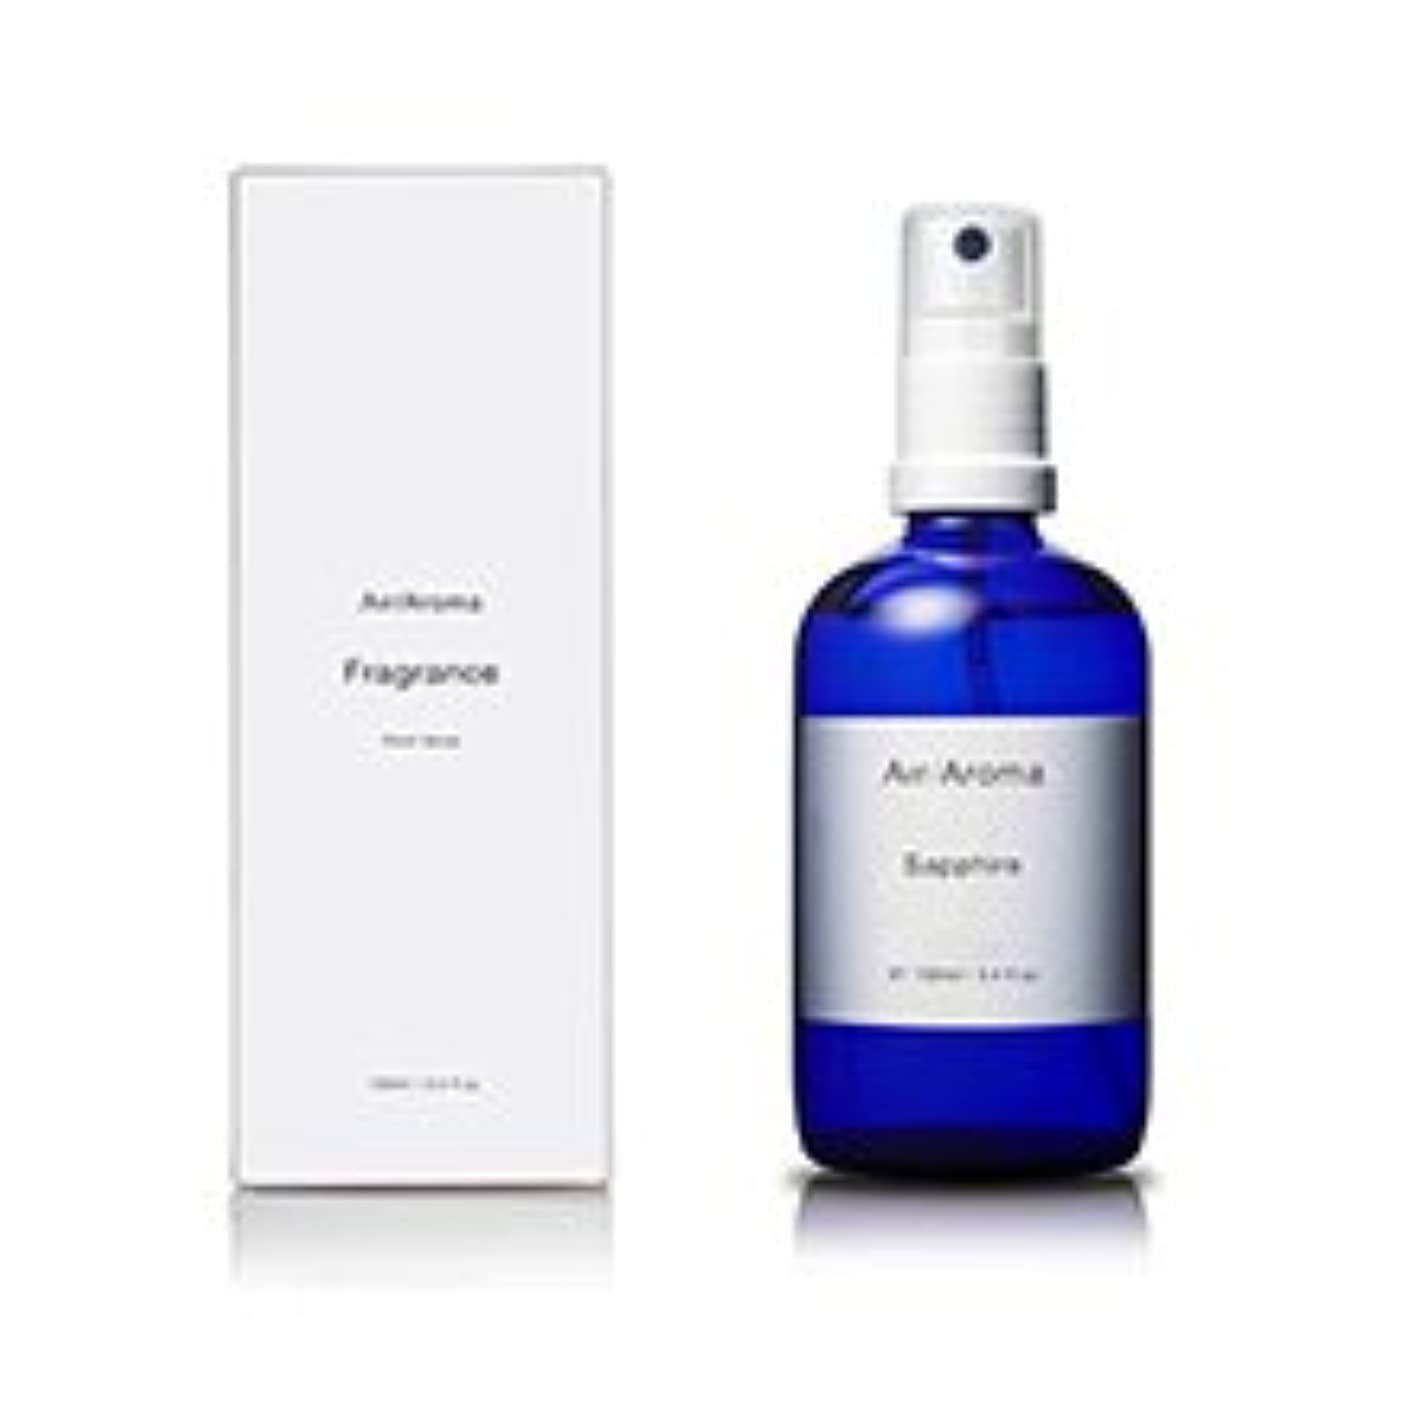 しなやかパラナ川上下するエアアロマ sapphire room fragrance(サファイア ルームフレグランス) 100ml